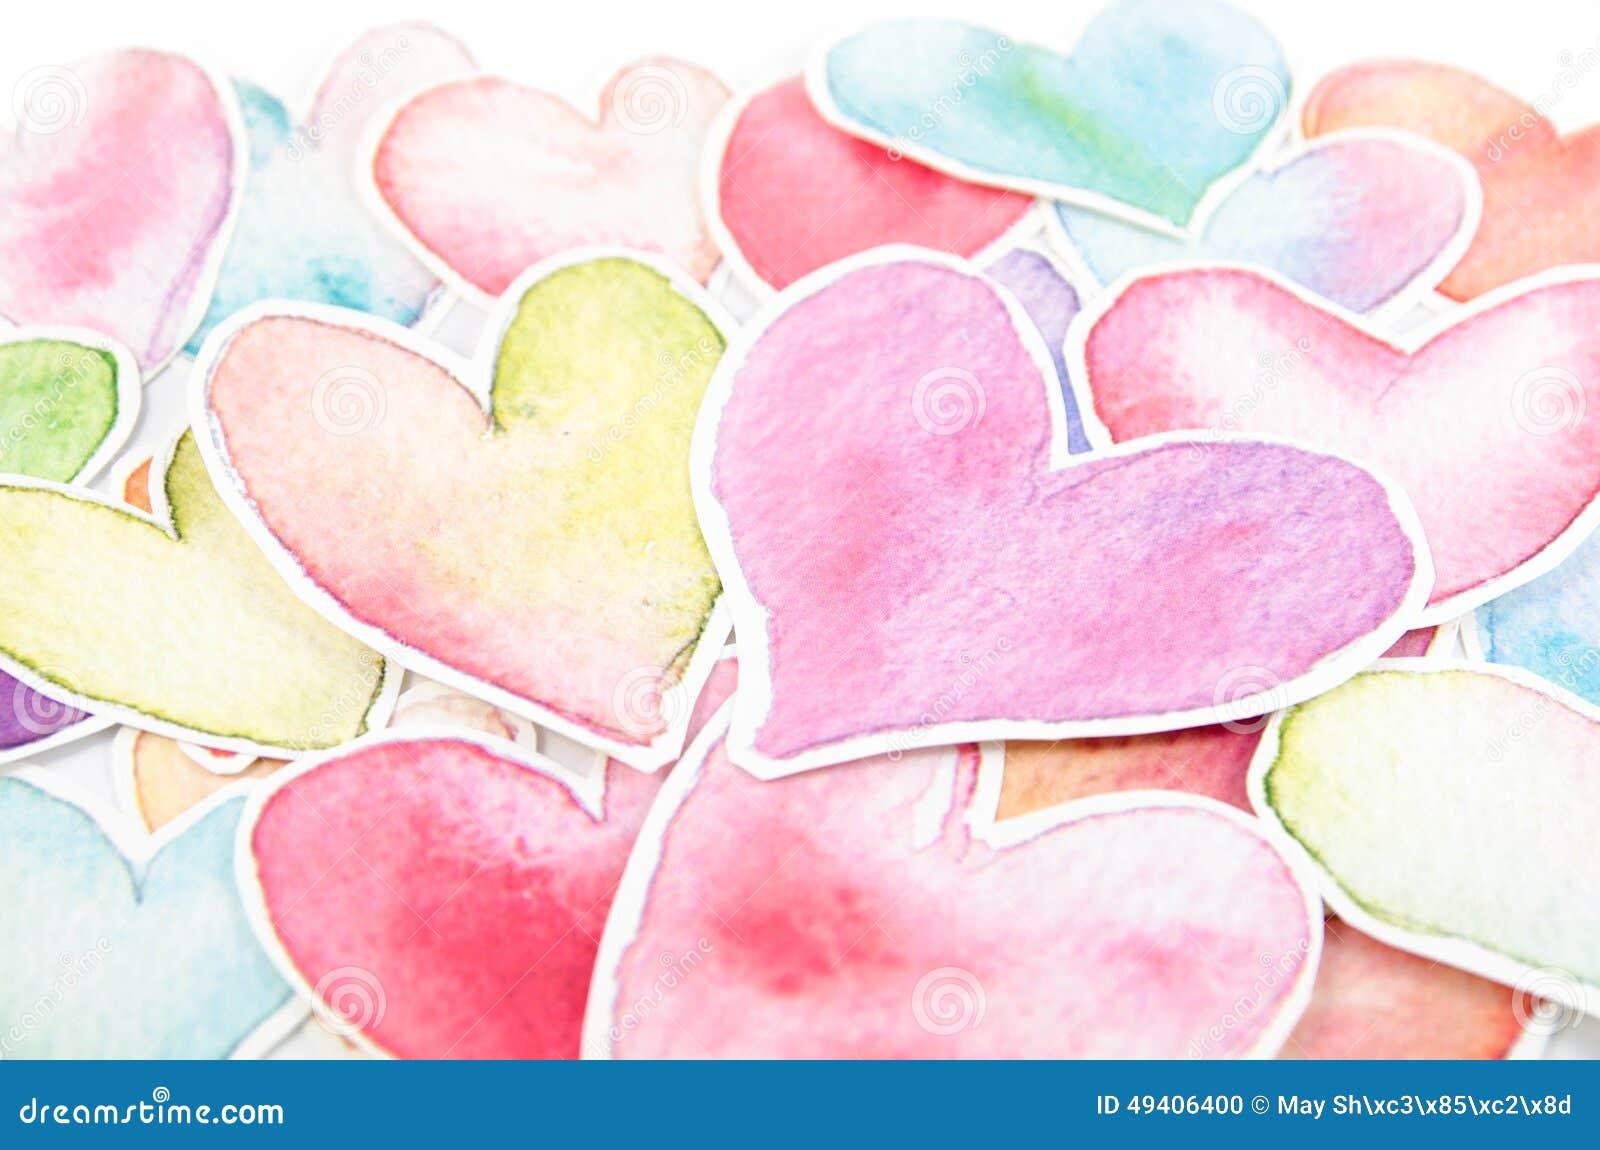 Download Herzform Auf Weißem Hintergrund Stock Abbildung - Illustration von bunt, getrennt: 49406400